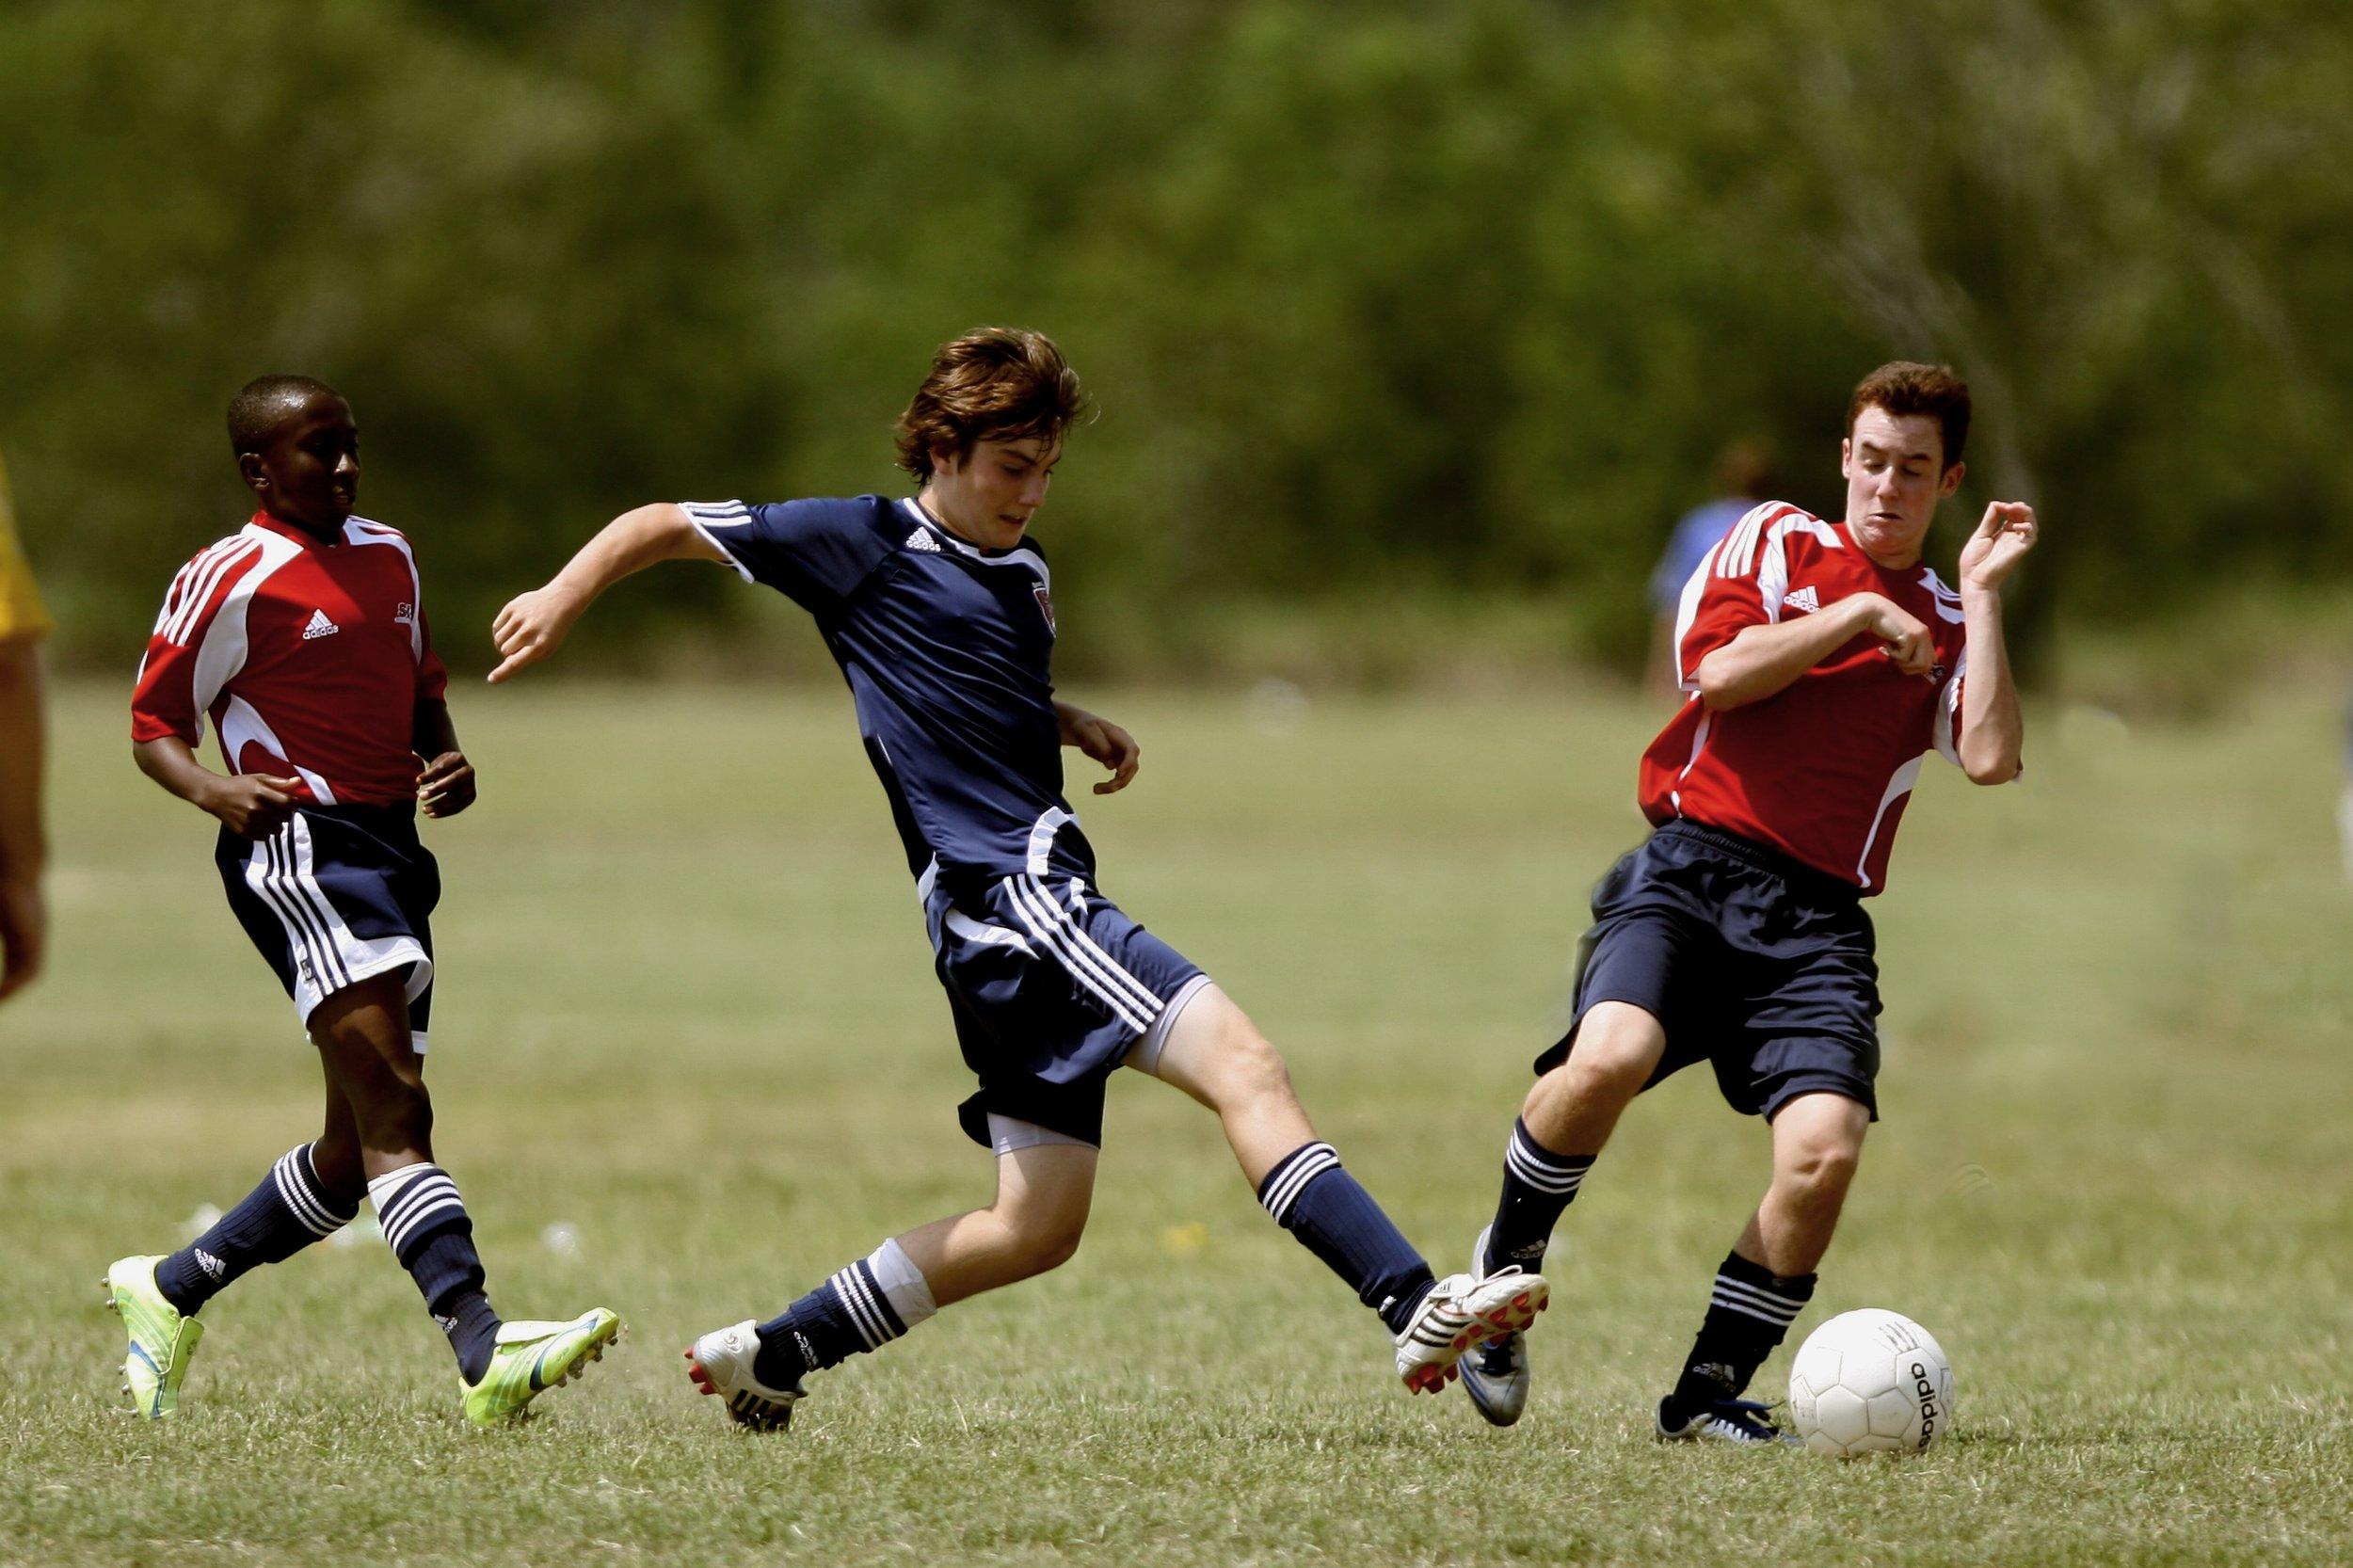 soccer photo1.jpg